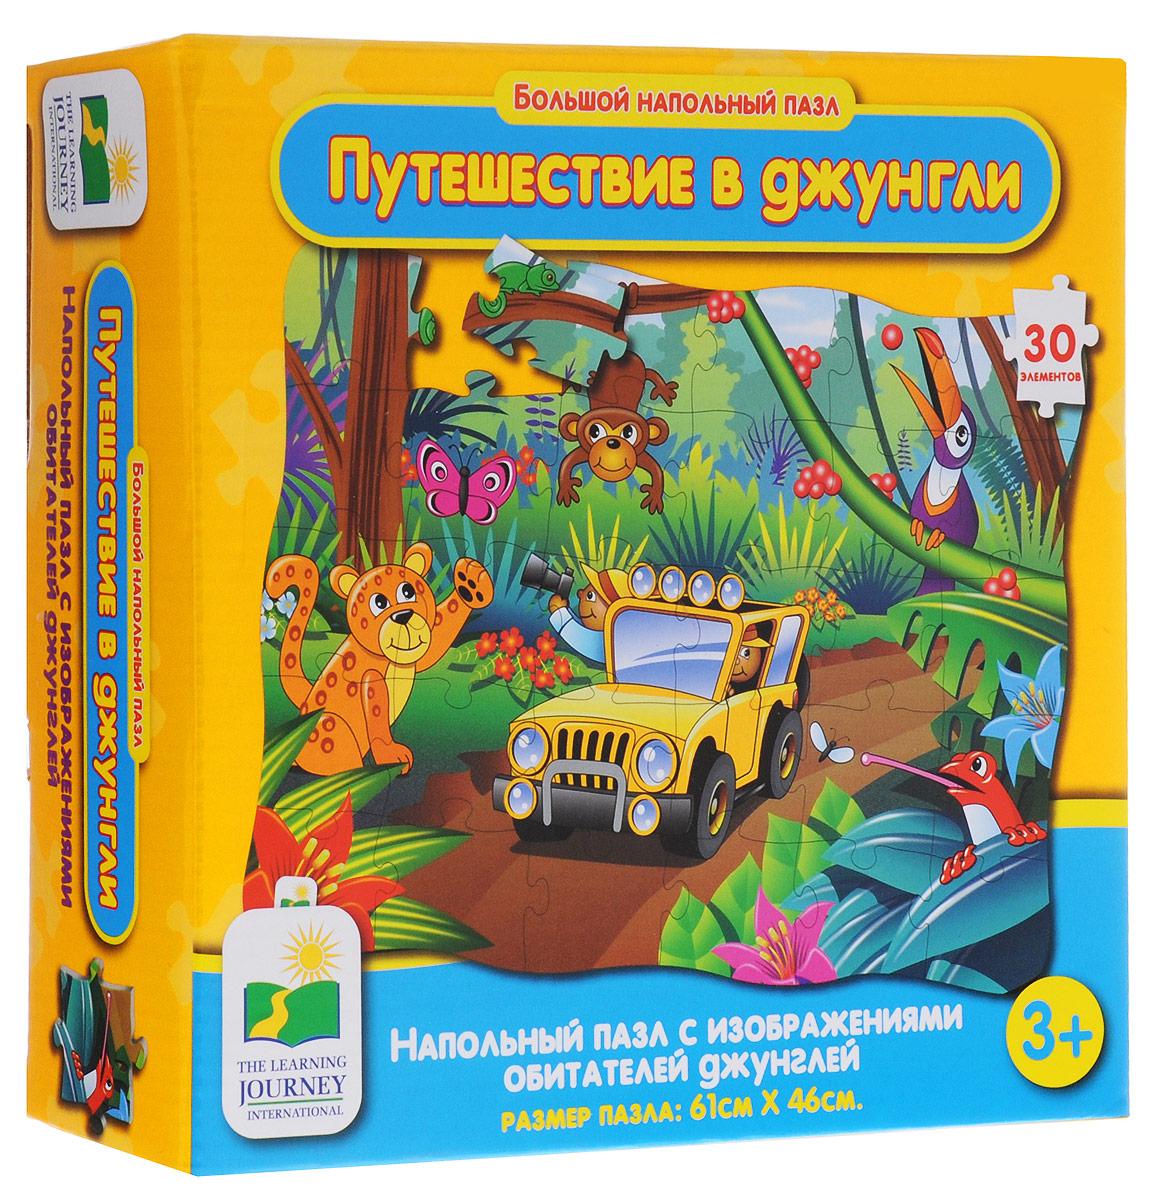 Learning Journey Пазл для малышей Путешествие в джунгли learning journey learning journey пазл кукольный дом 24 многоразовые наклейки 50 элементов